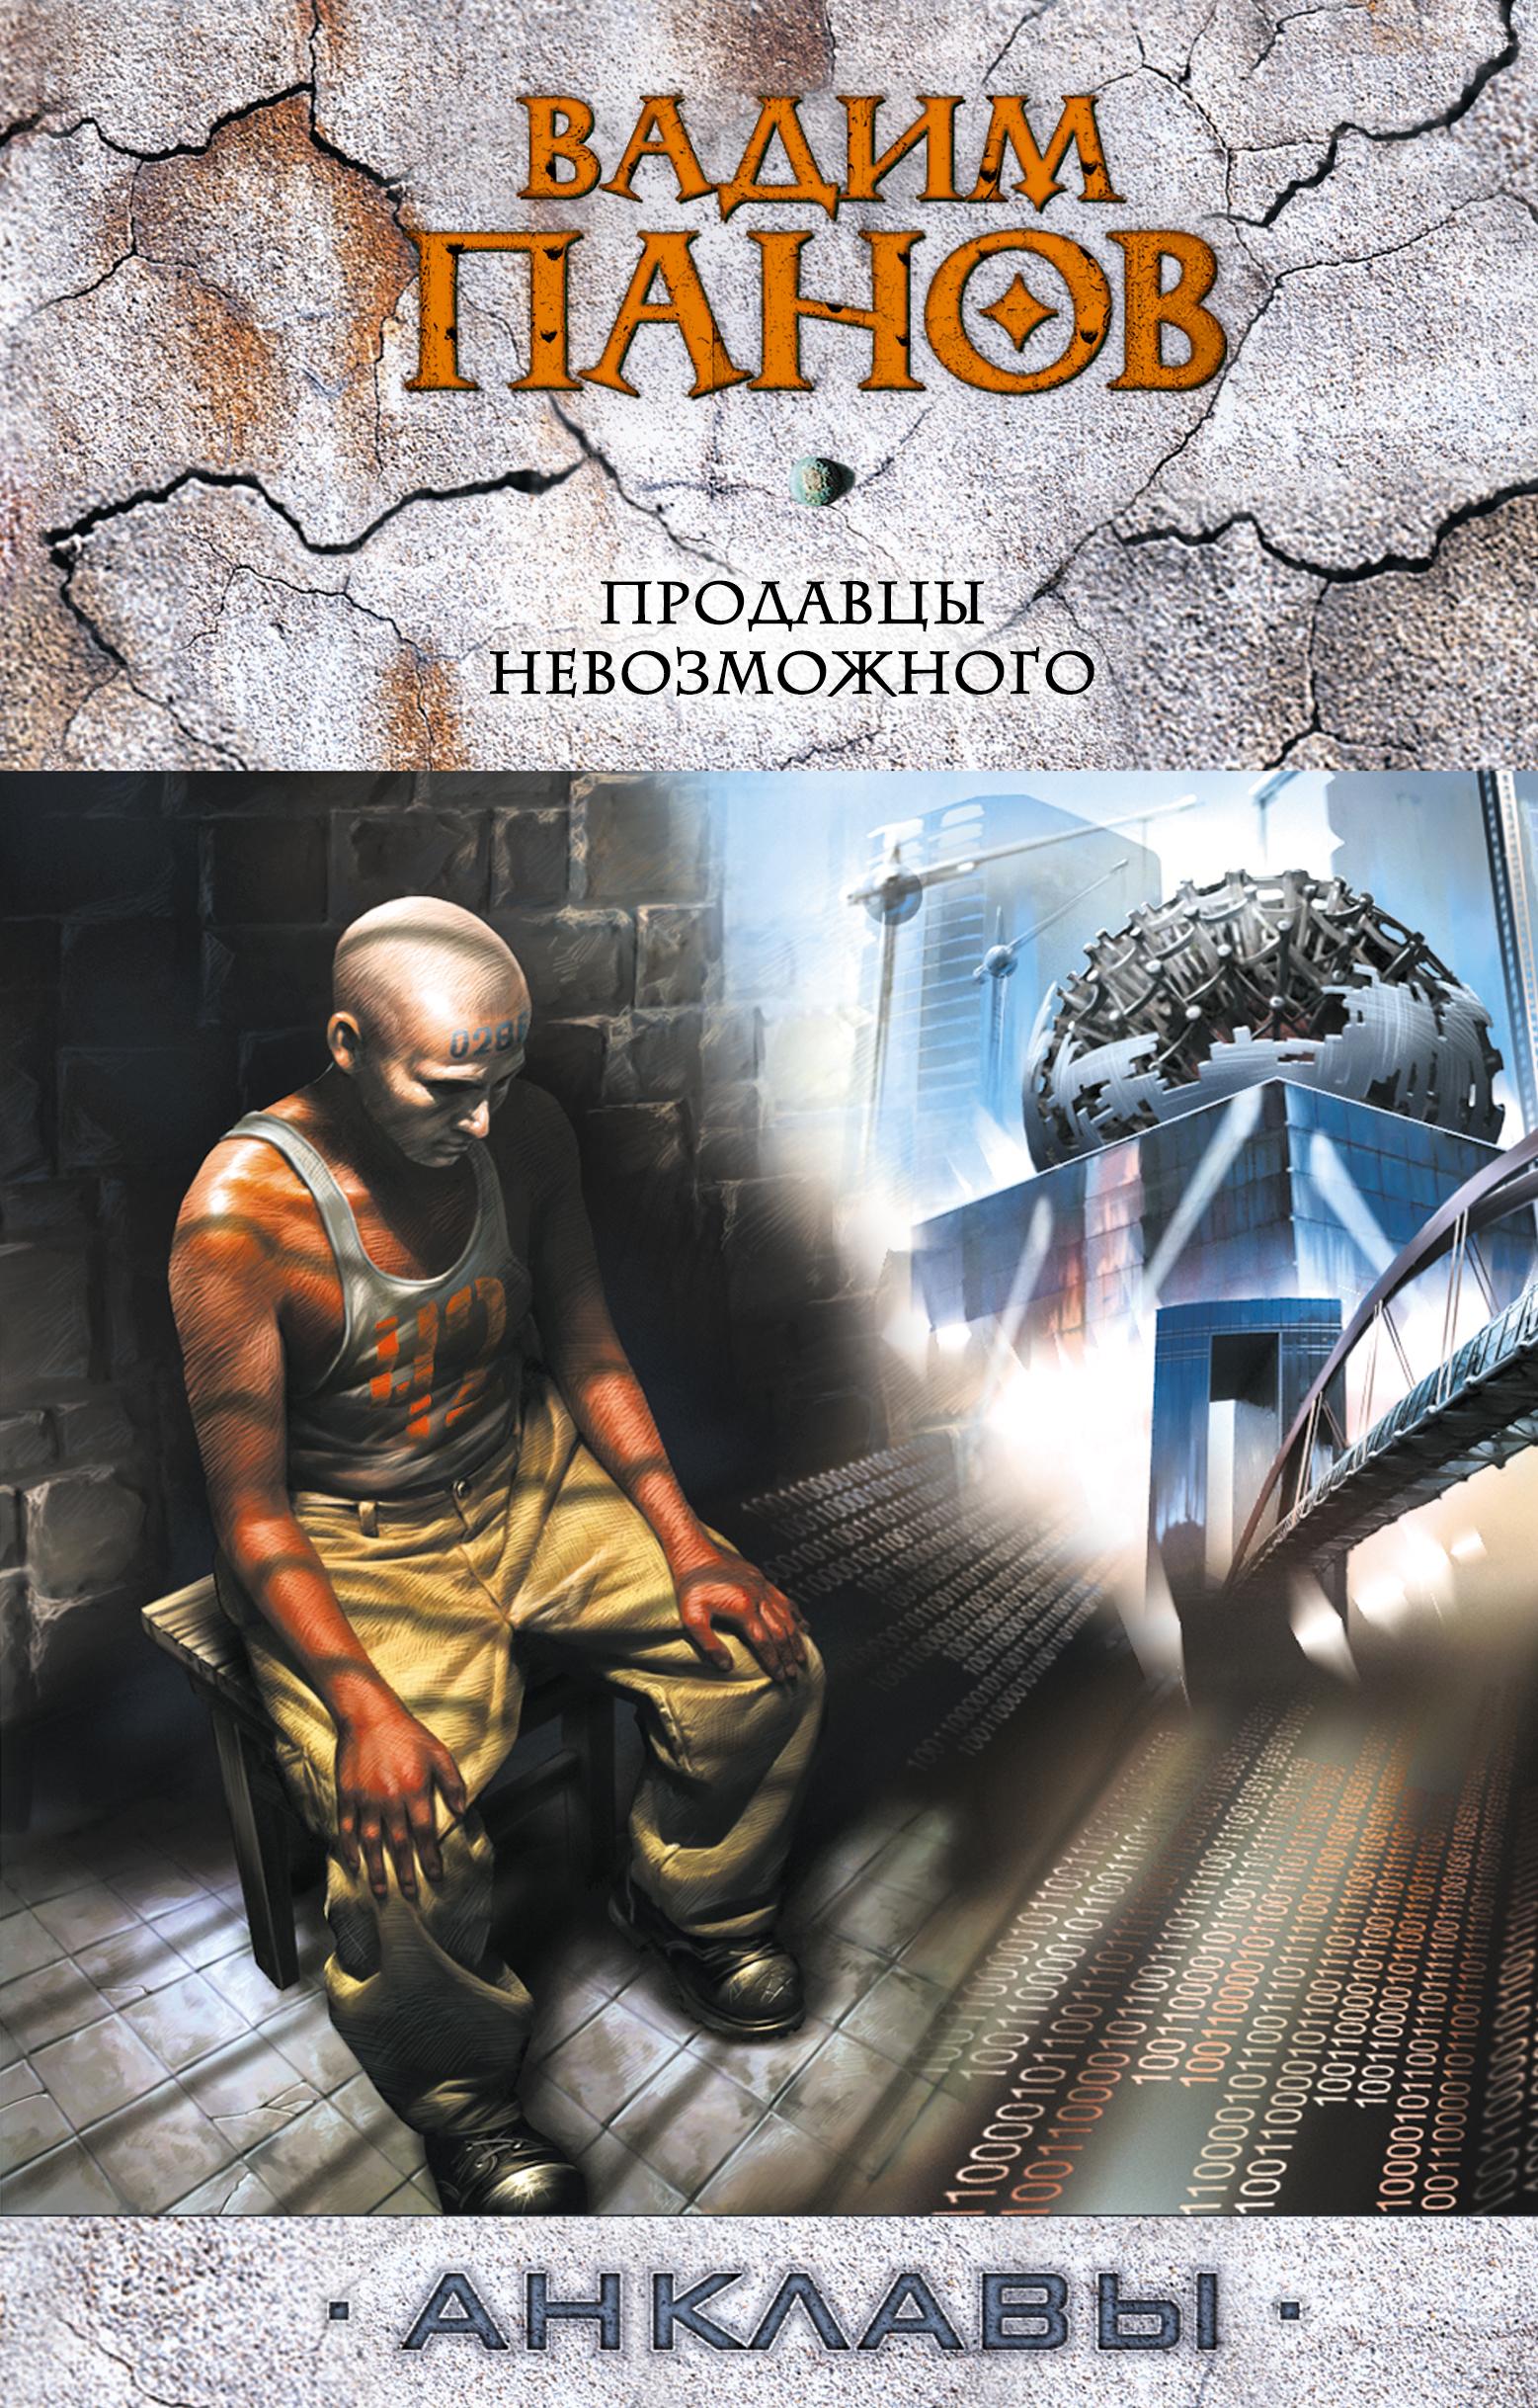 Вадим Панов «Продавцы невозможного»